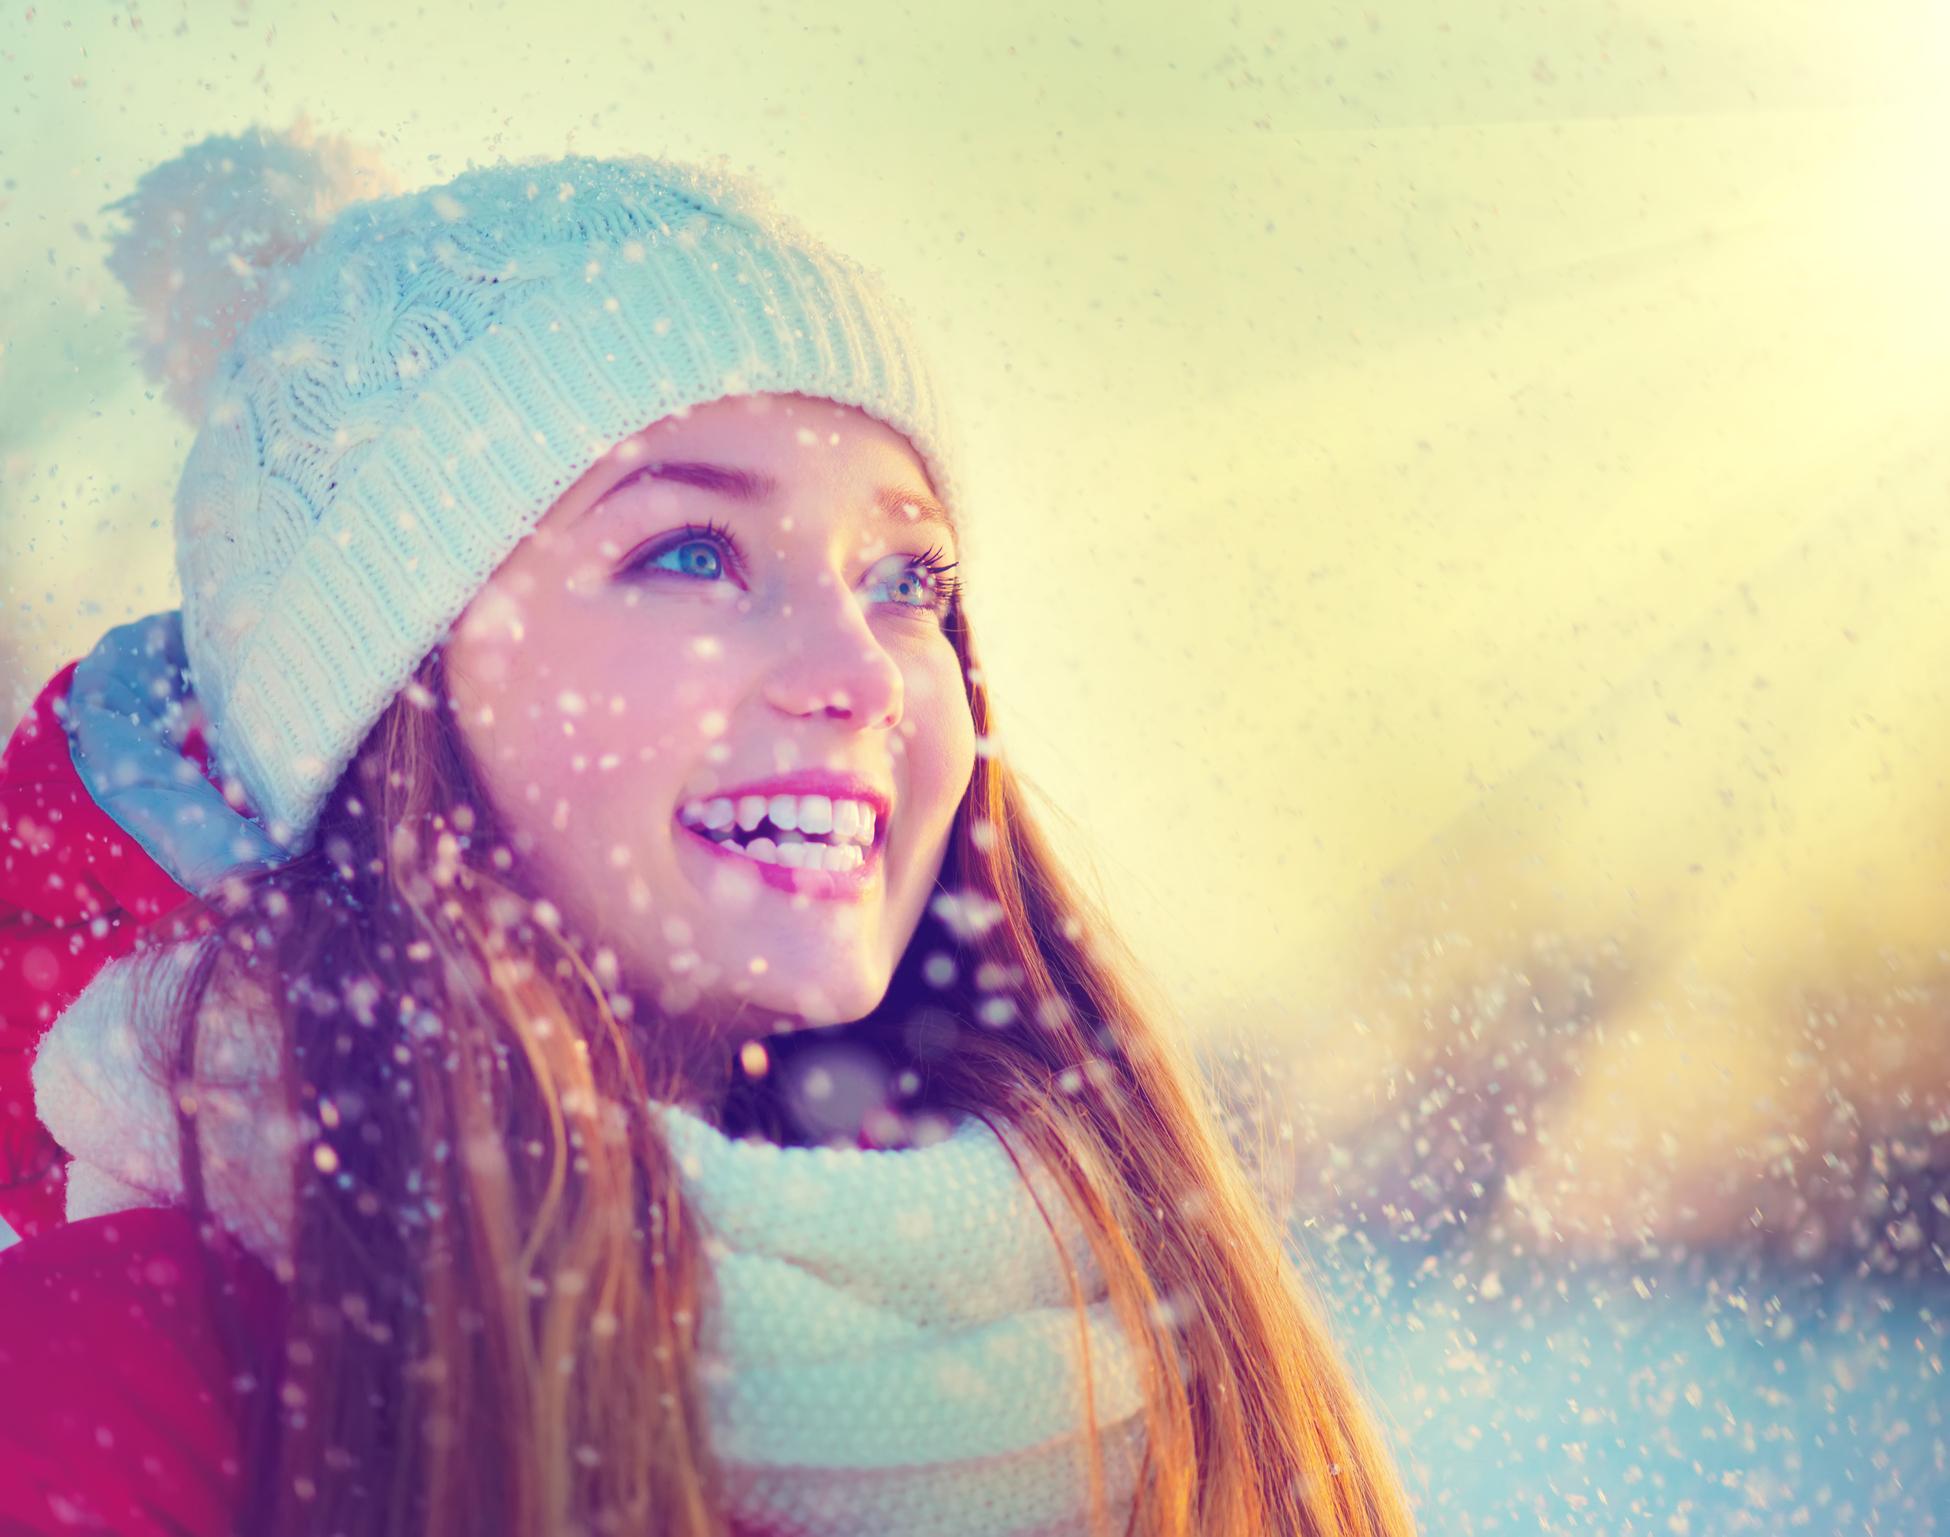 Jugendliche mit schönen Zähnen im Schnee mit Sonnenschein